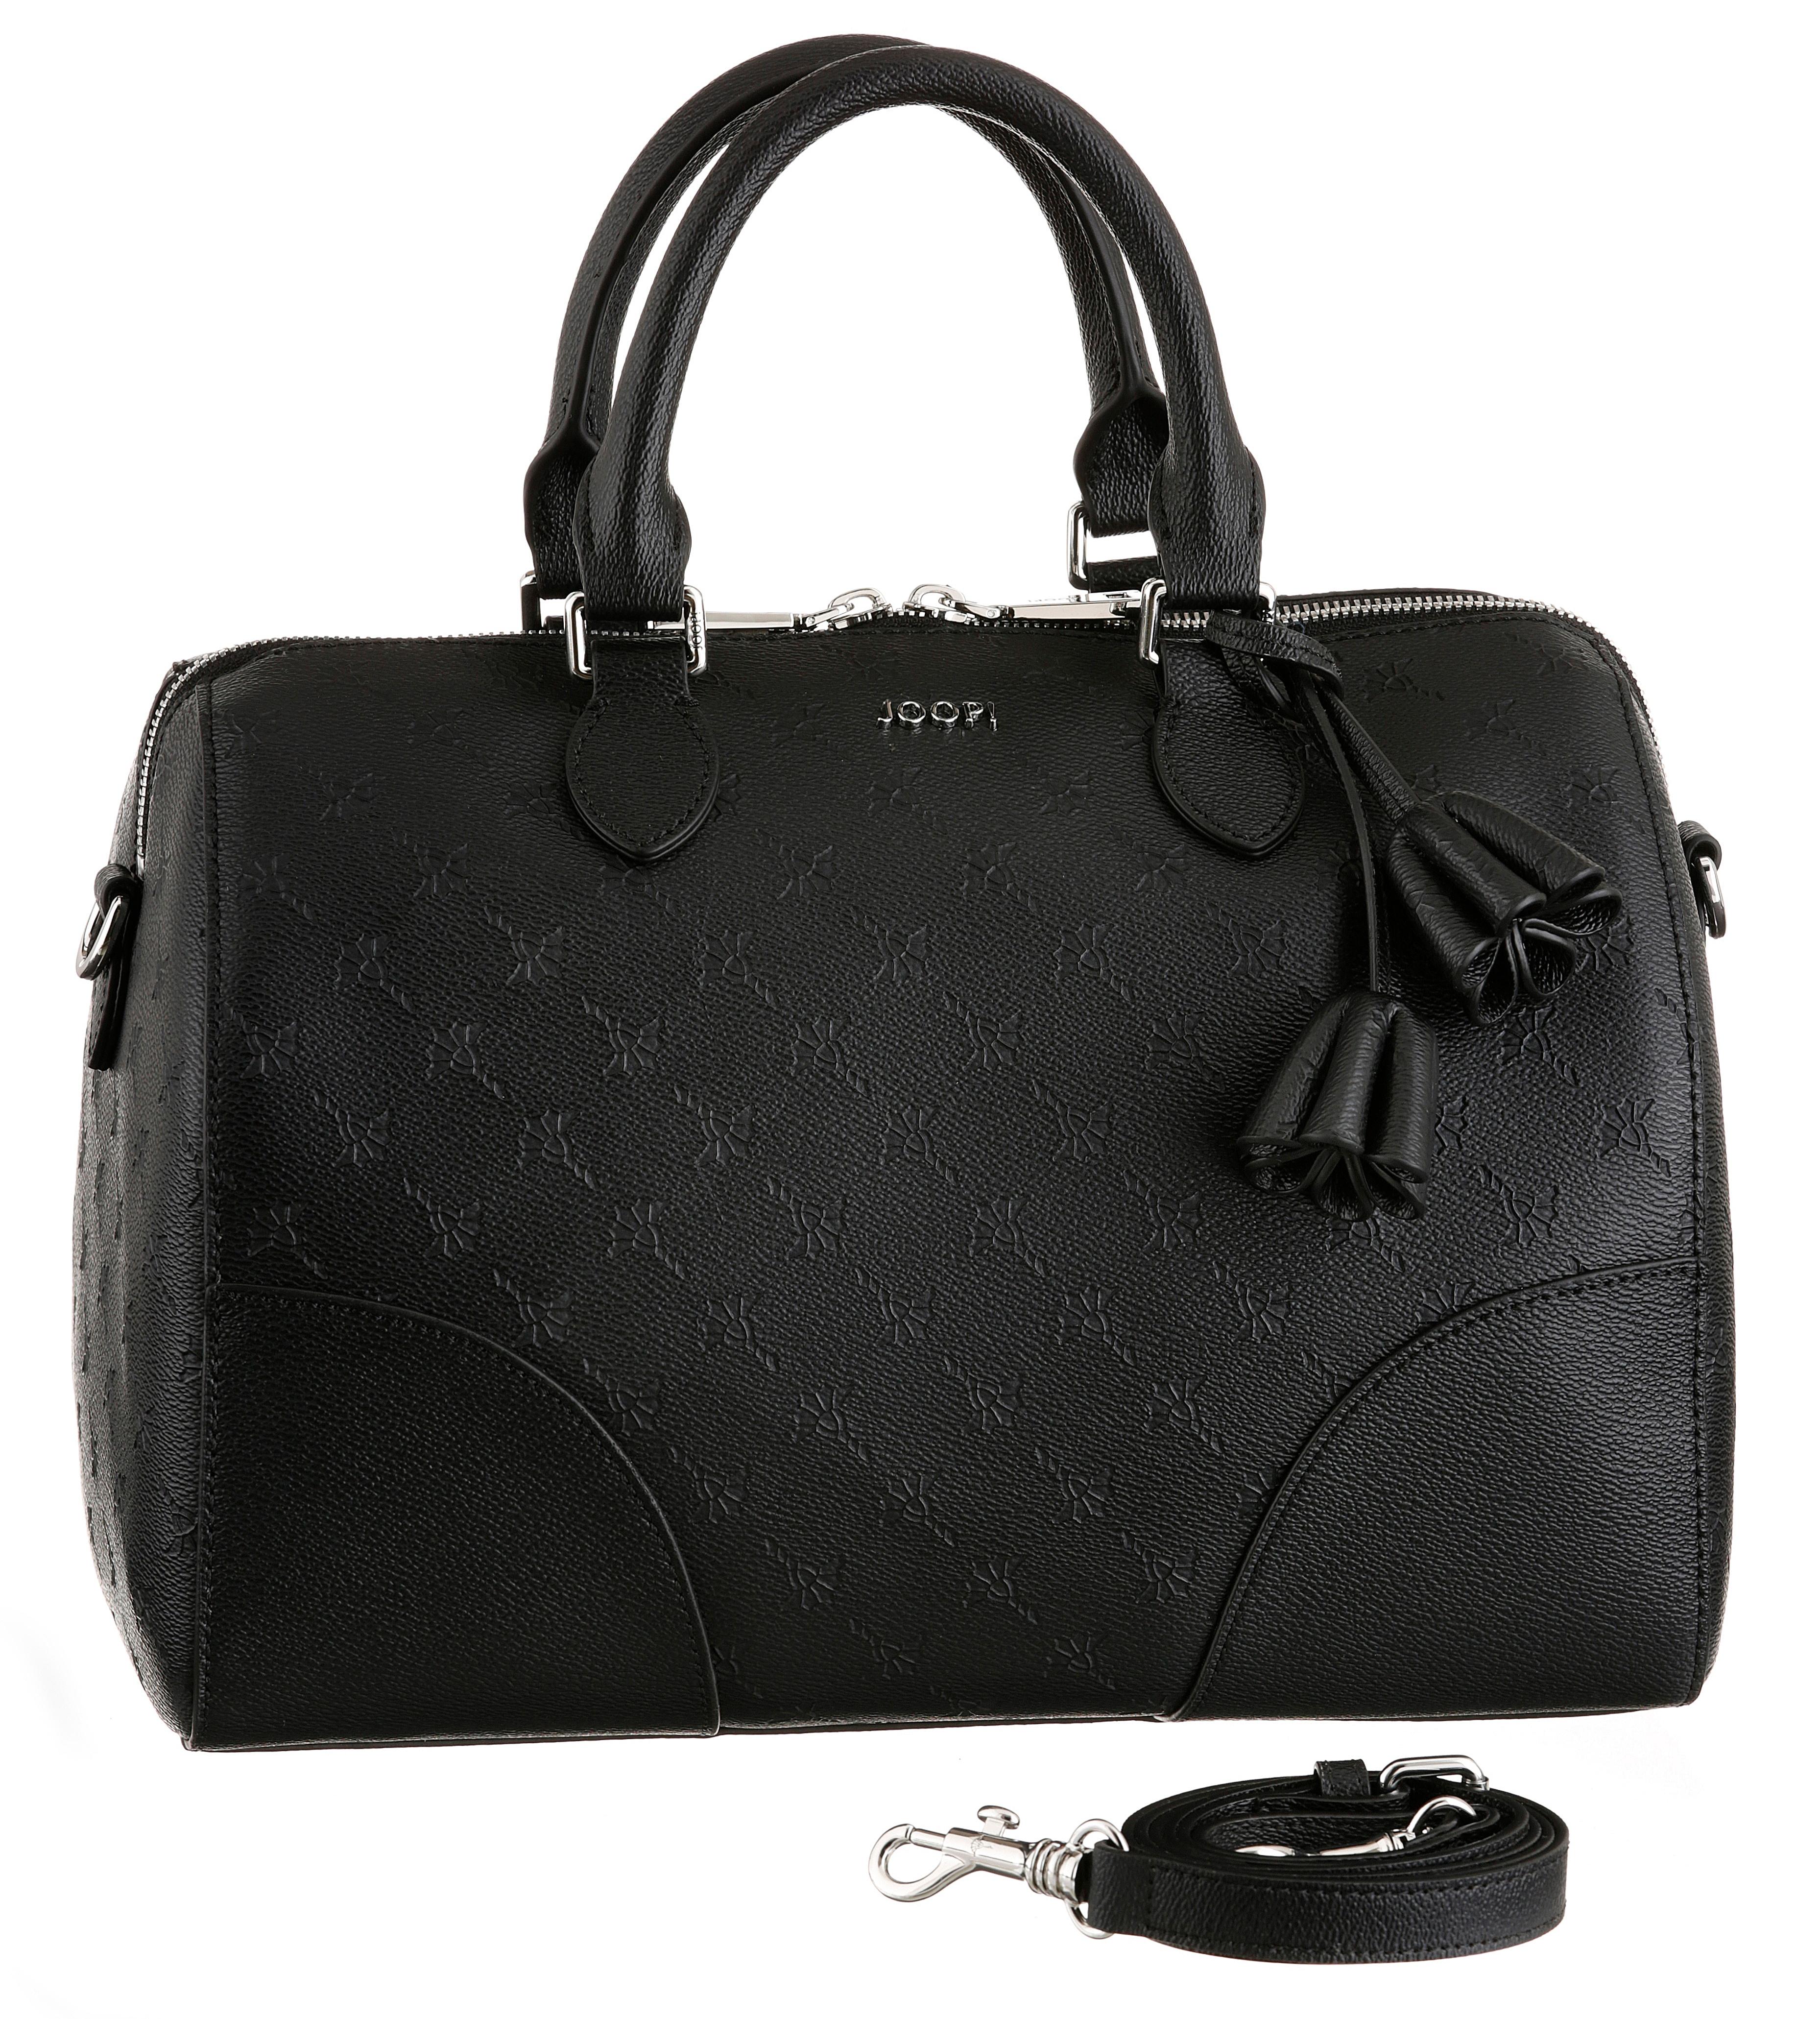 Joop Henkeltasche cortina stampa aurora handbag shz günstig online kaufen